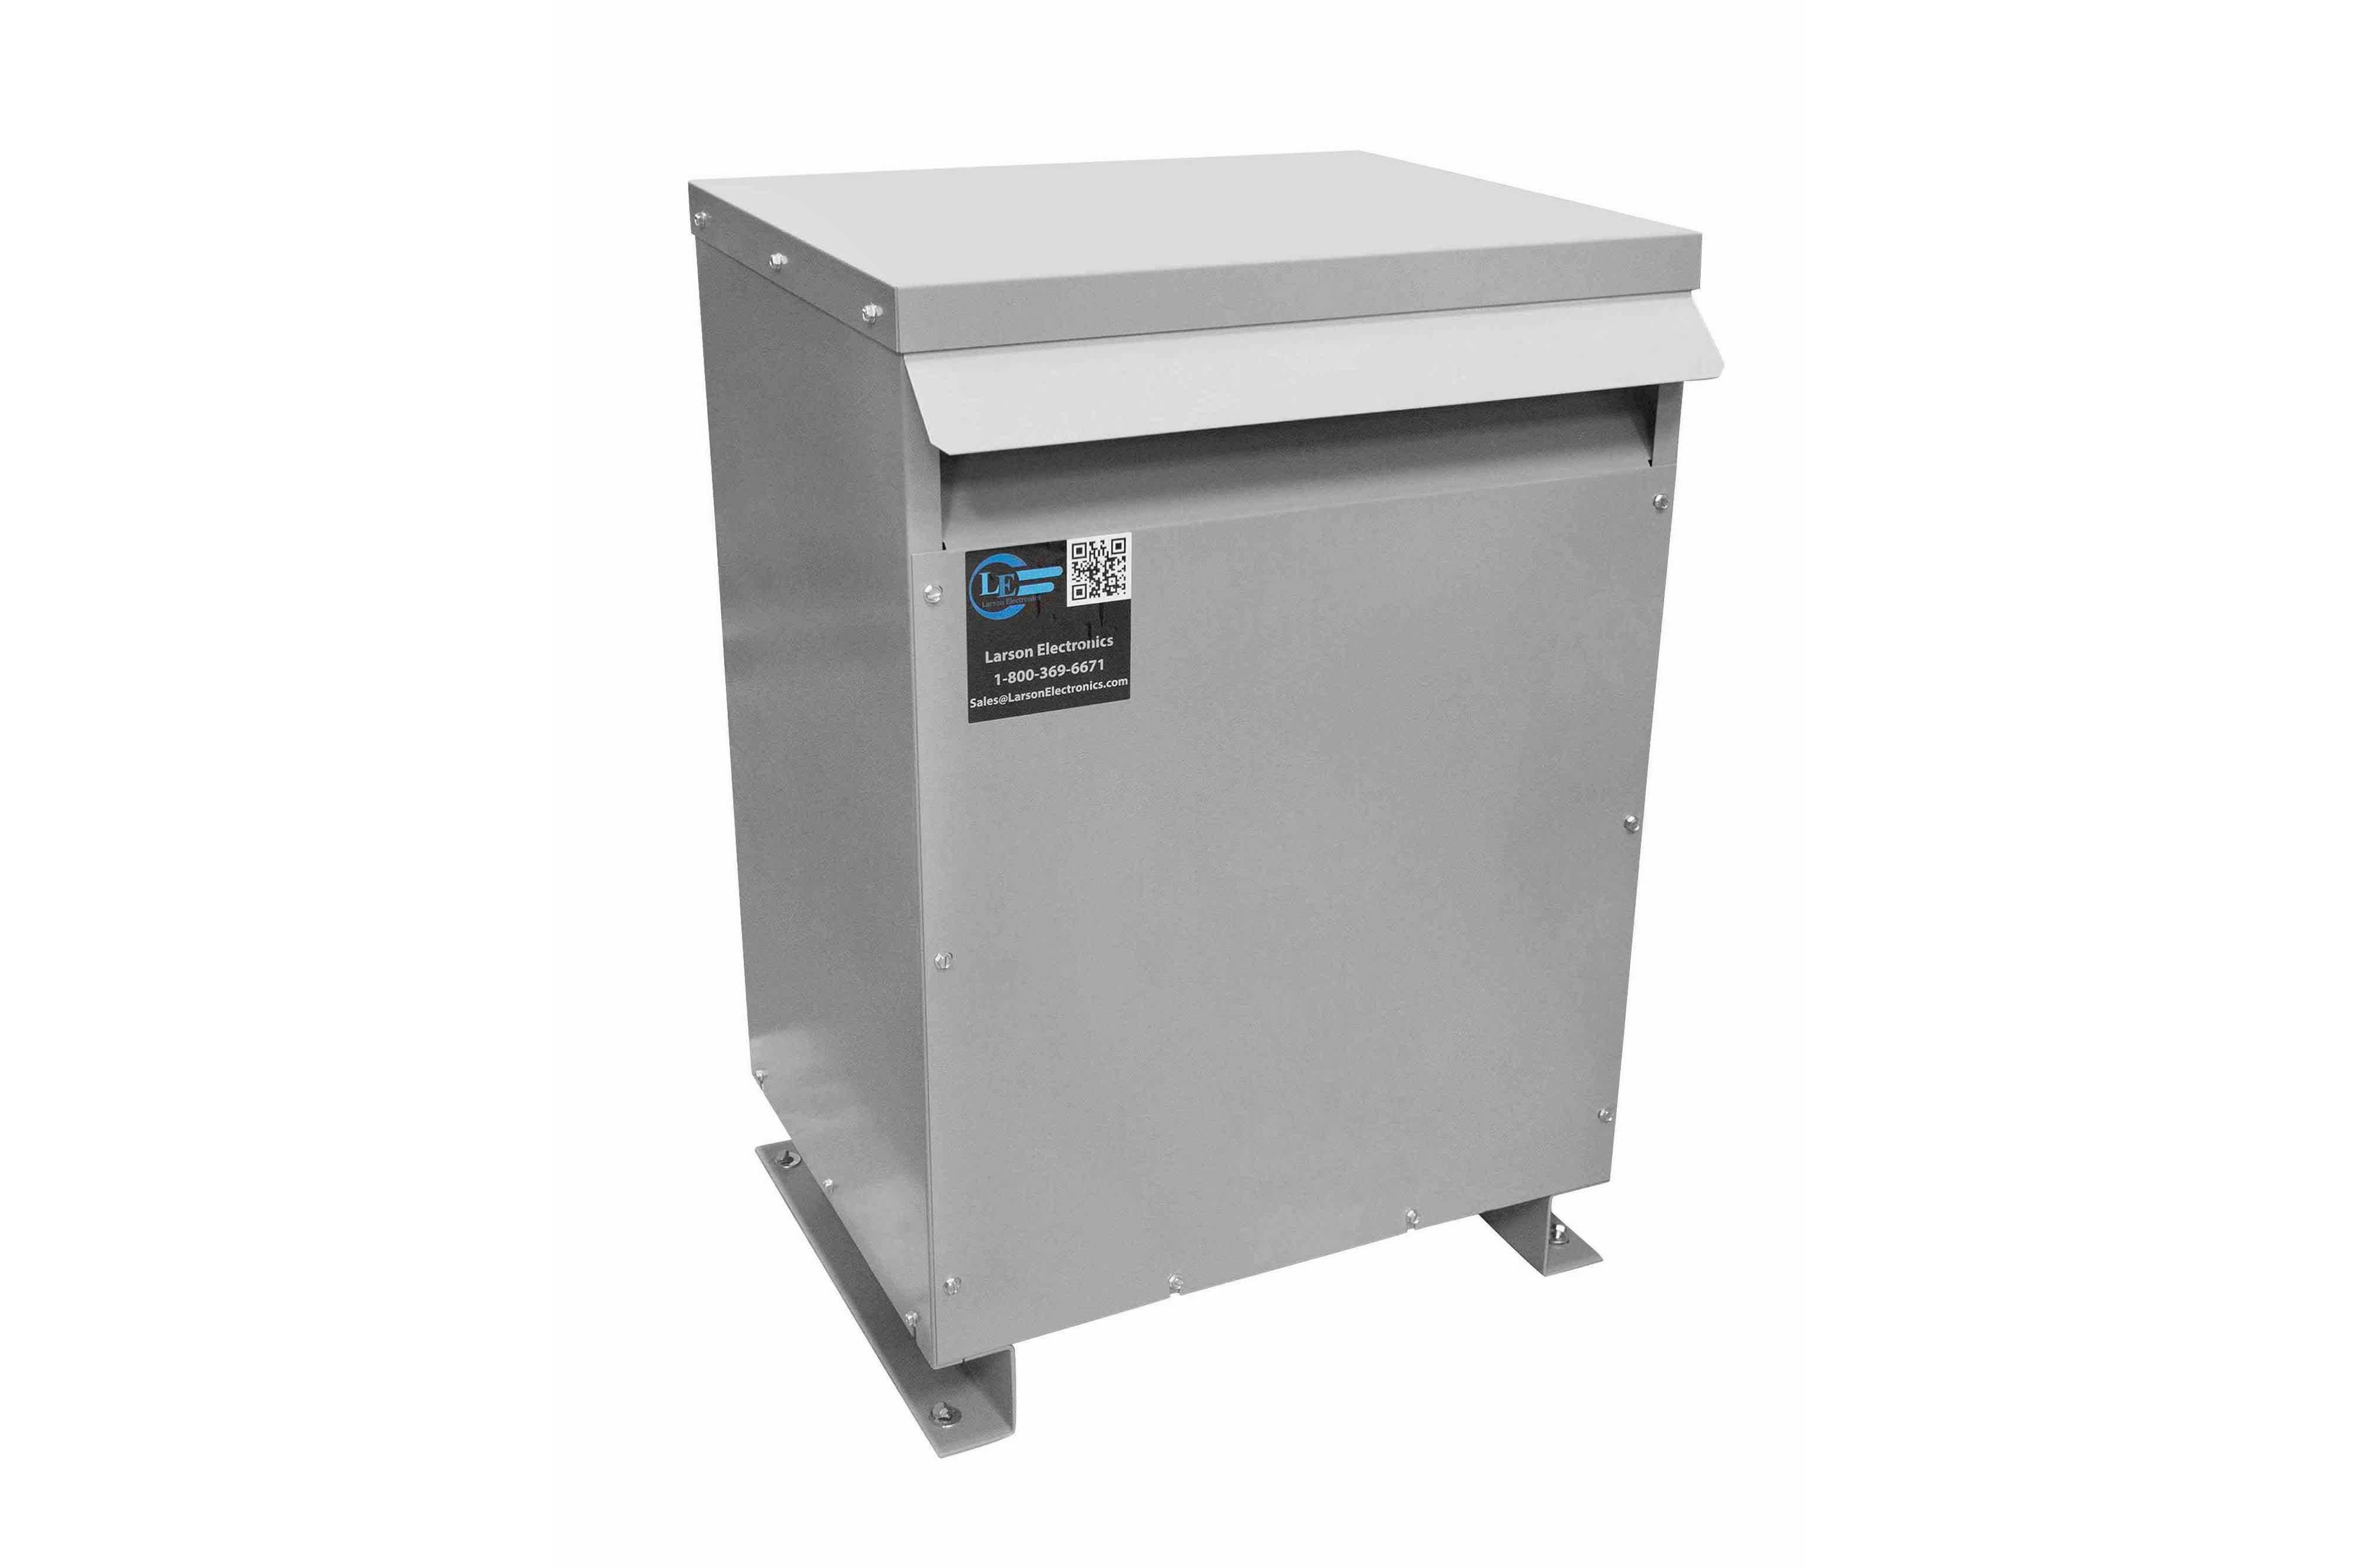 25 kVA 3PH Isolation Transformer, 480V Delta Primary, 240 Delta Secondary, N3R, Ventilated, 60 Hz